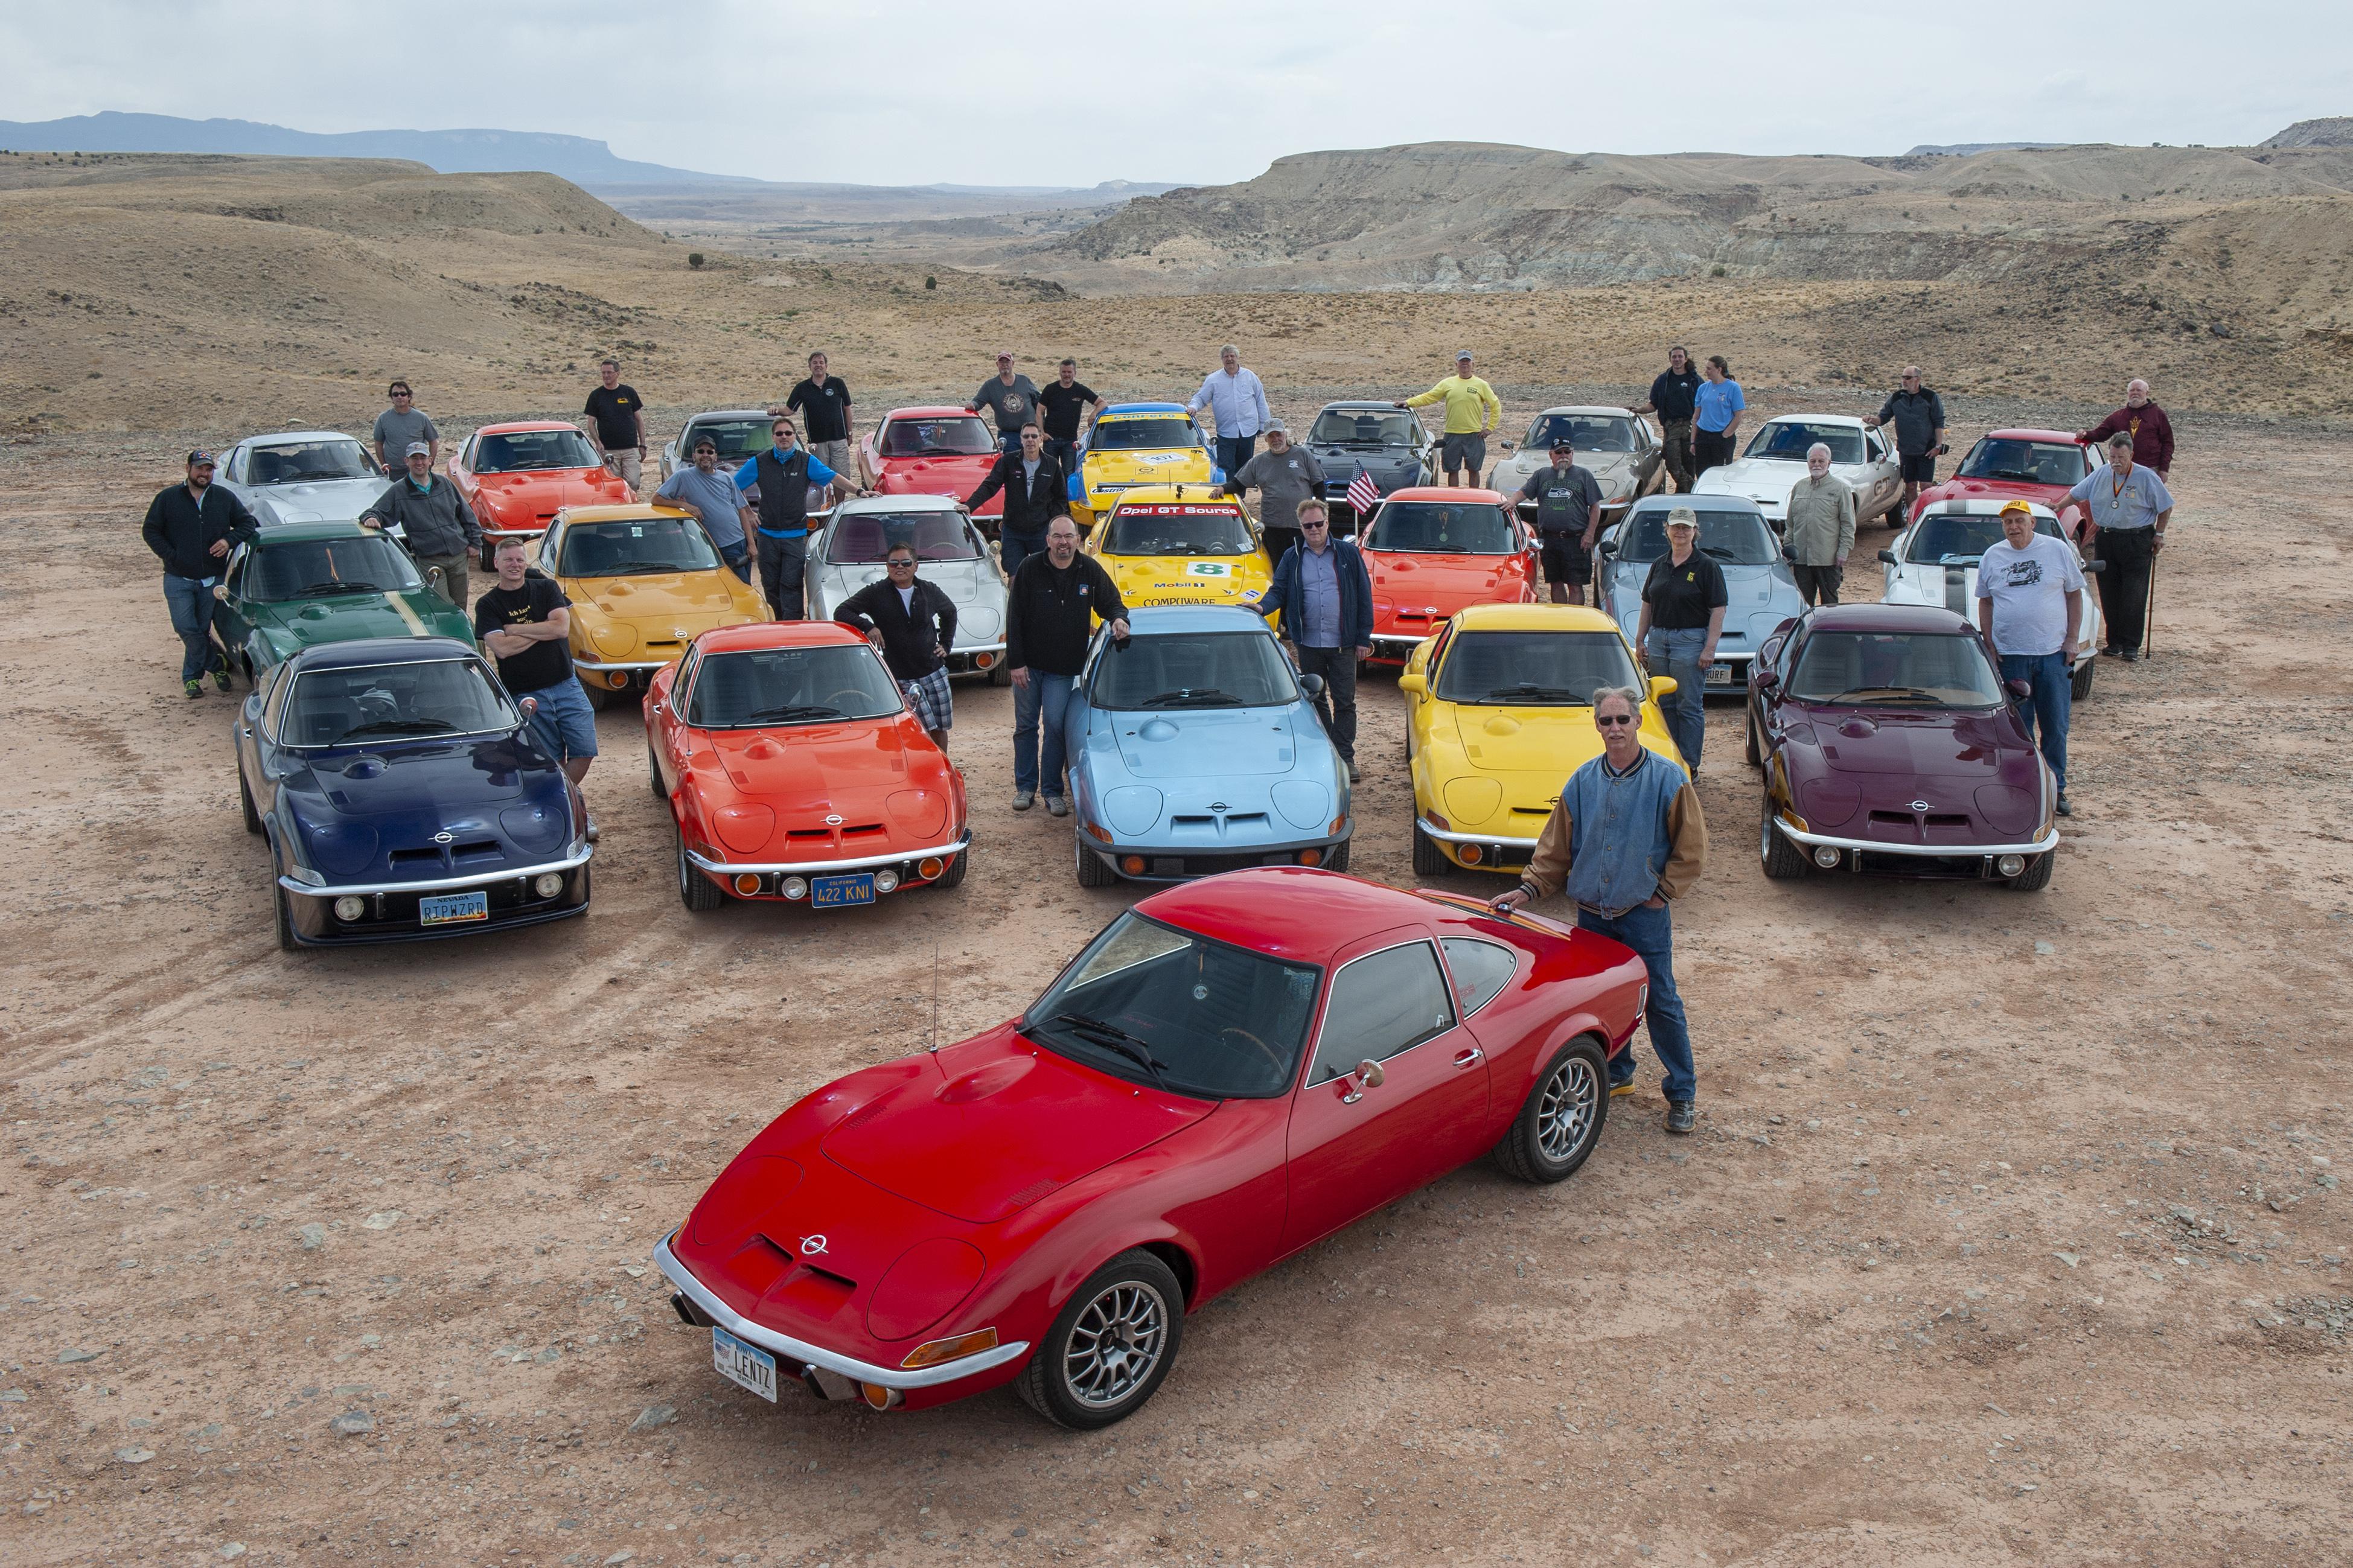 Opel sarbatoreste o jumatate de secol cu GT printr-un tur aniversar pe Route 66